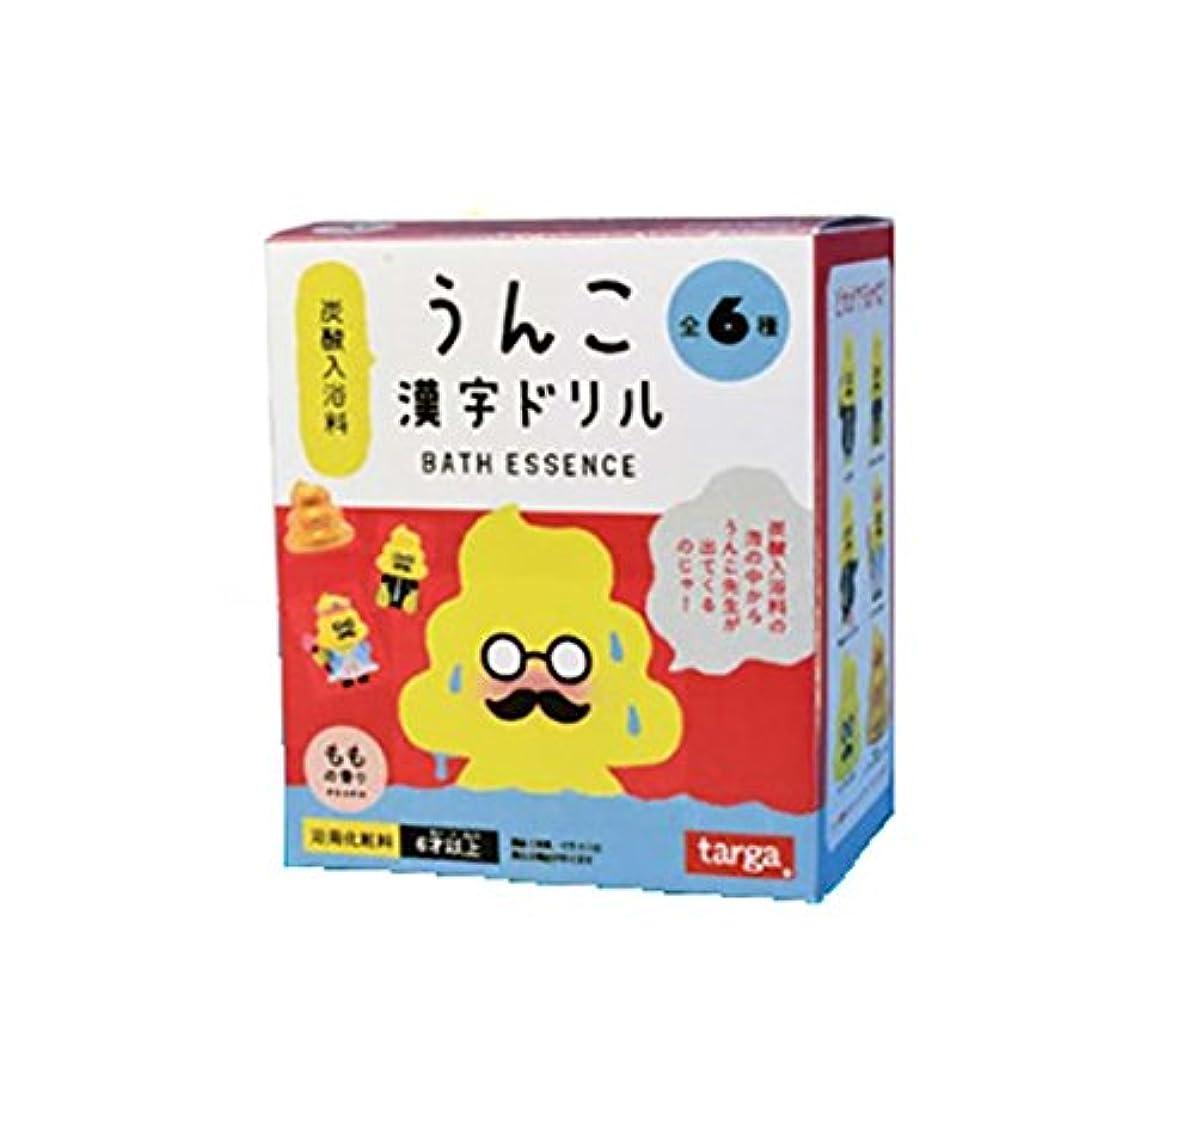 うんこ漢字ドリル 炭酸入浴料 BOX